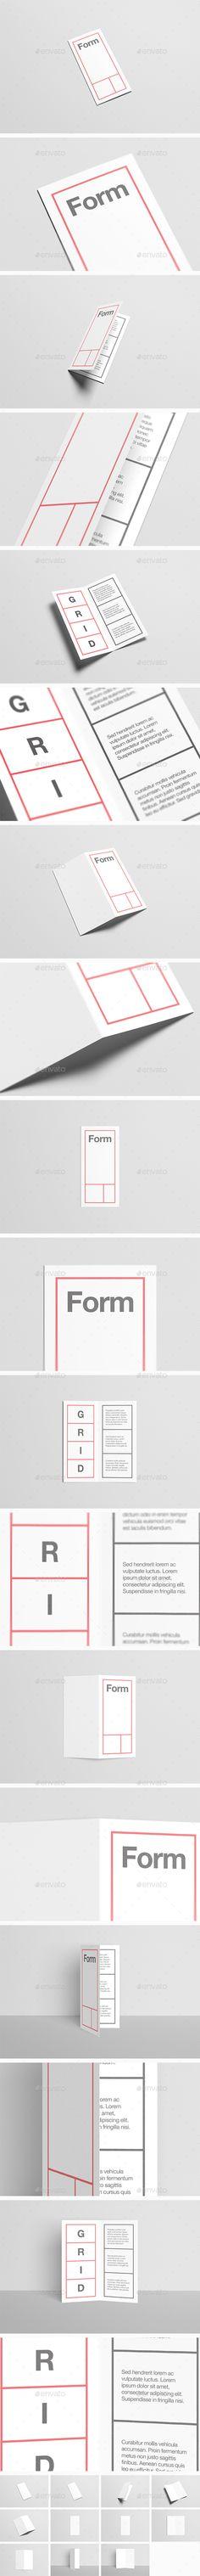 查看此 @Behance 项目u201cTri-fold Brochure Template Freebieu201d  - half fold brochure template